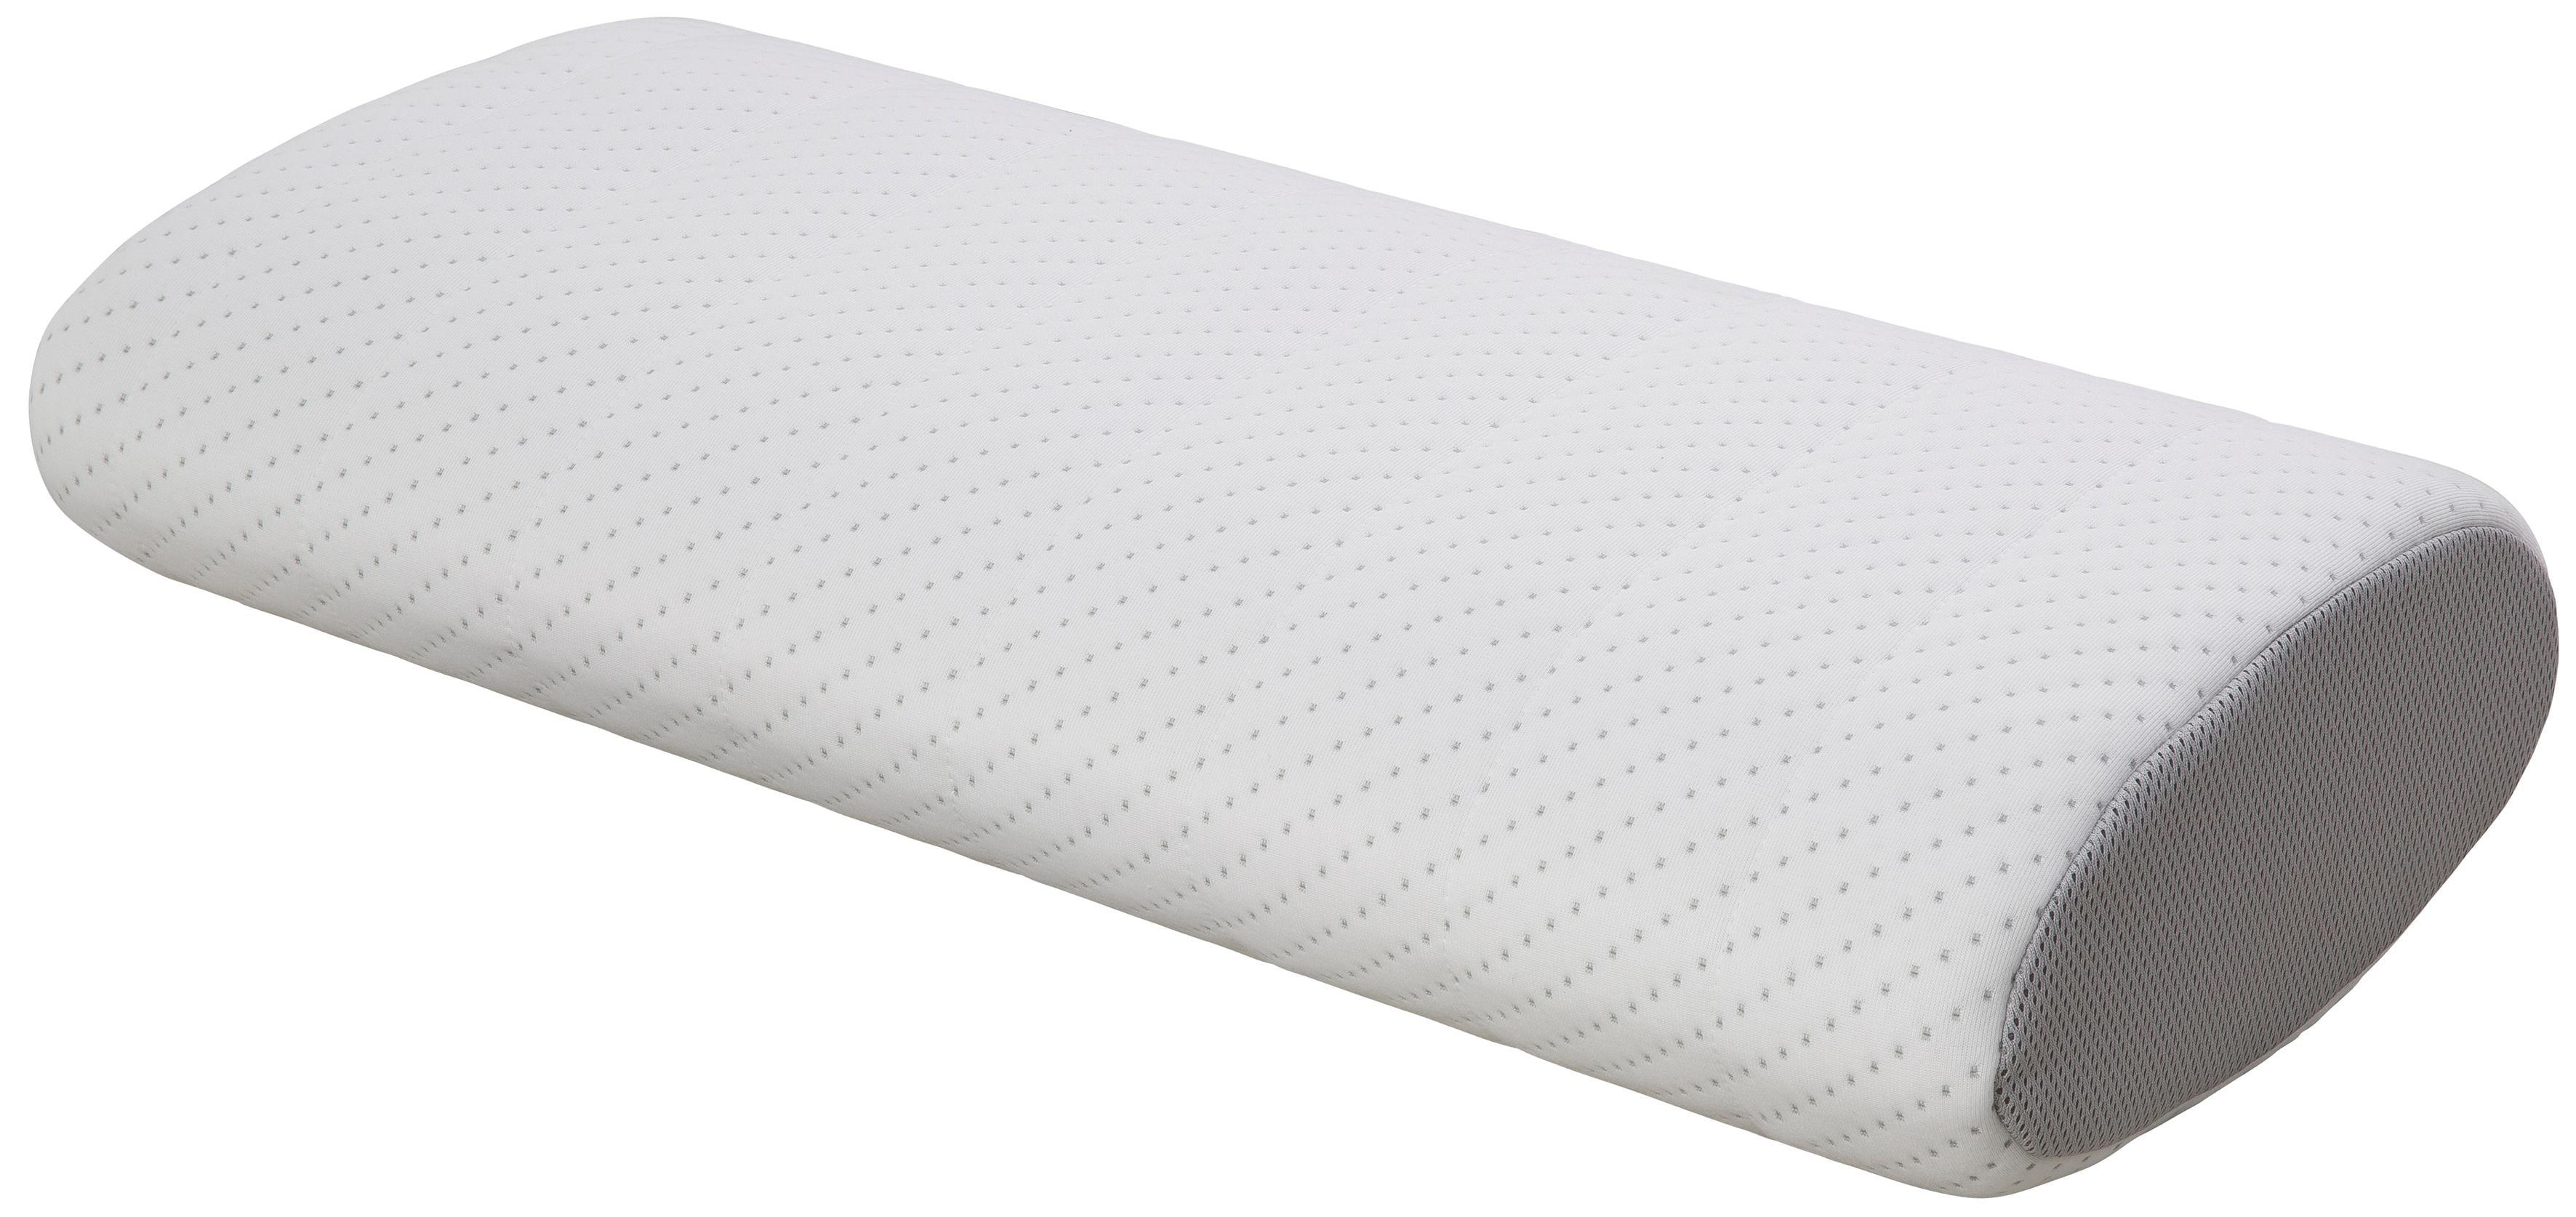 Nackenstützkissen, »Vario Flex«, BeCo - Das wendbare Nackenkissen mit weicherer und festerer Liegeseite, von Testschläfern empfohlen